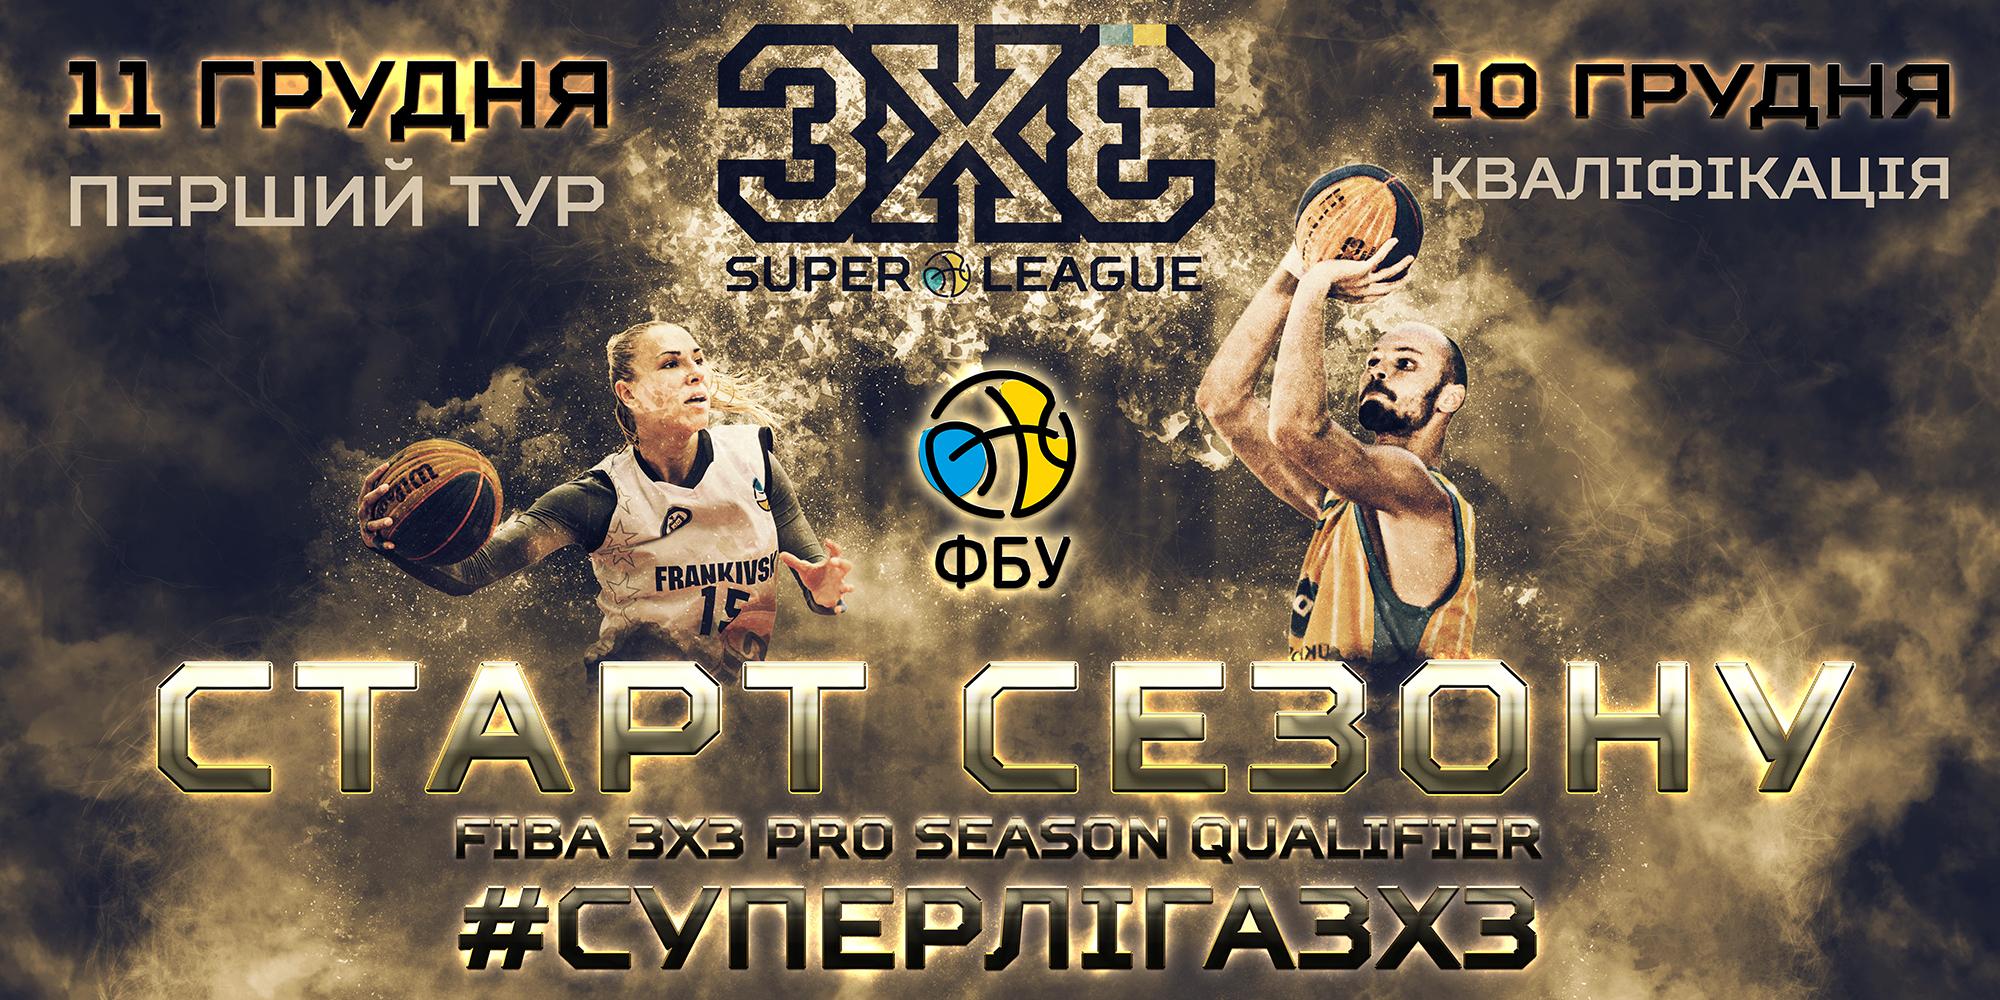 Новий крок до великих перемог українського баскетболу - Суперліга 3х3!